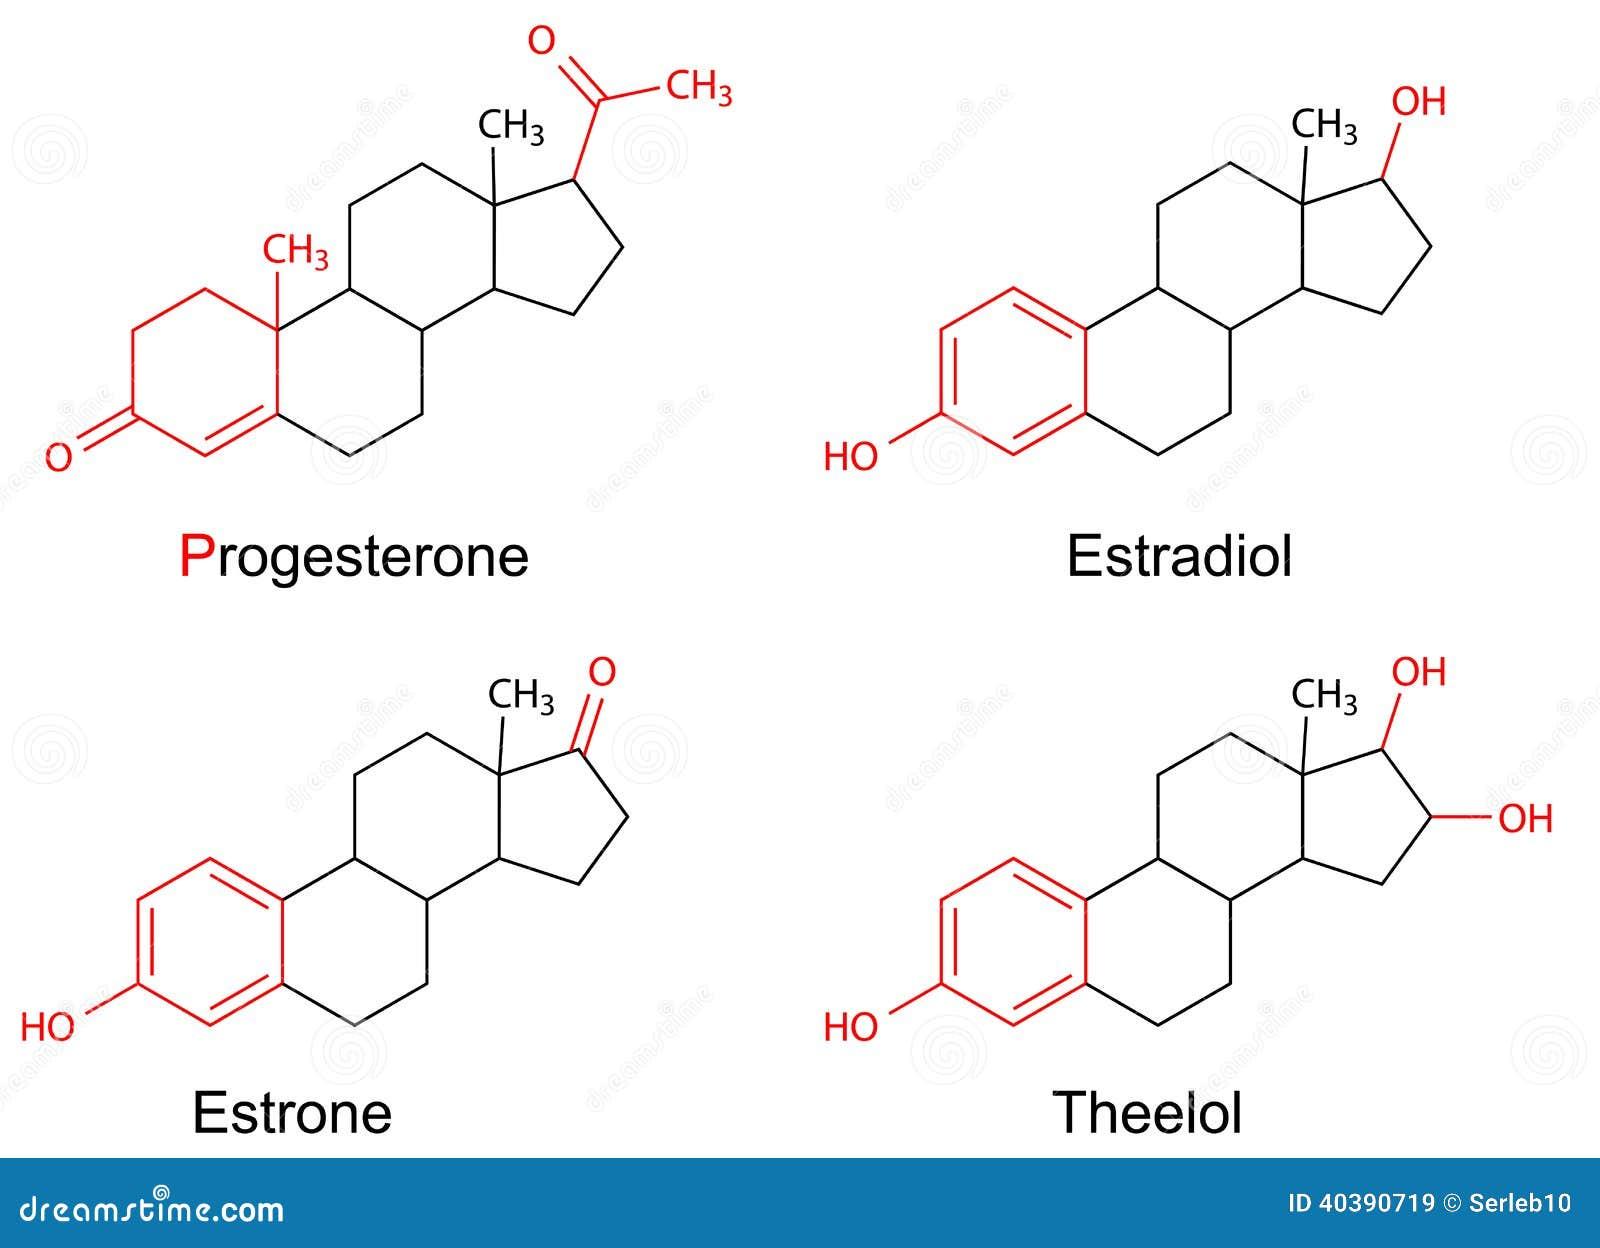 sind steroide hormone